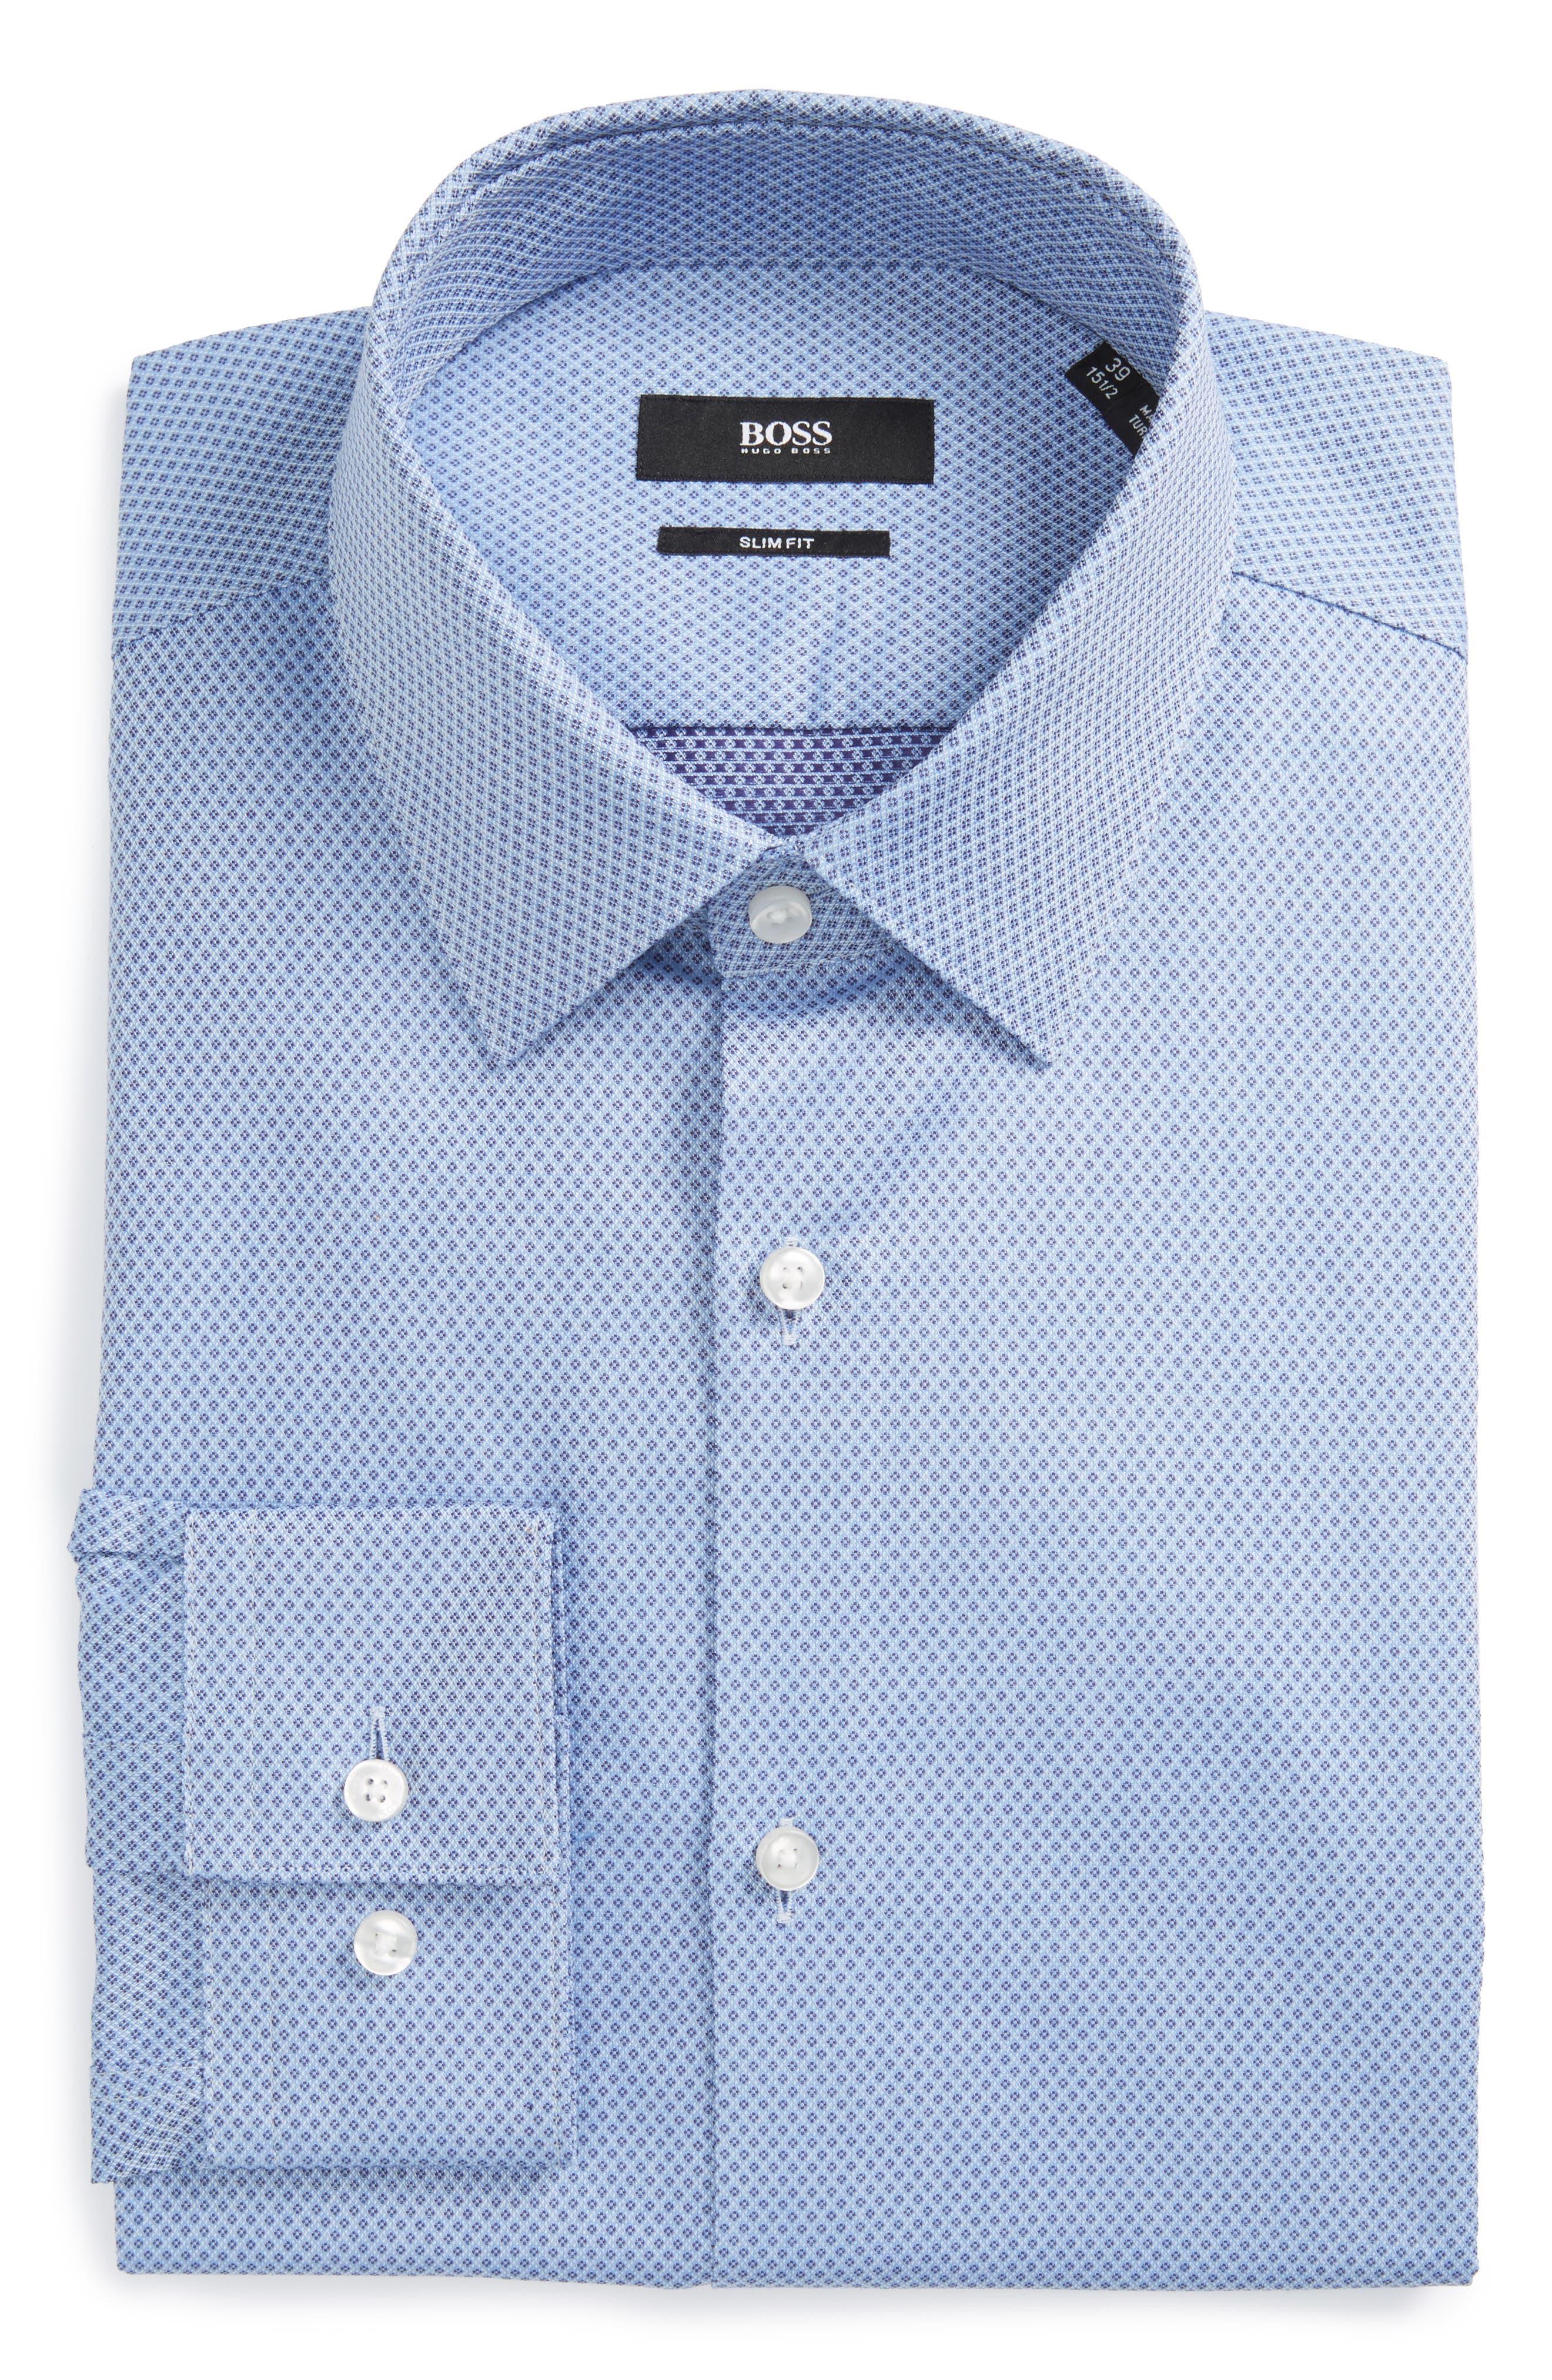 BOSS Isko Slim Fit Geometric Dress Shirt